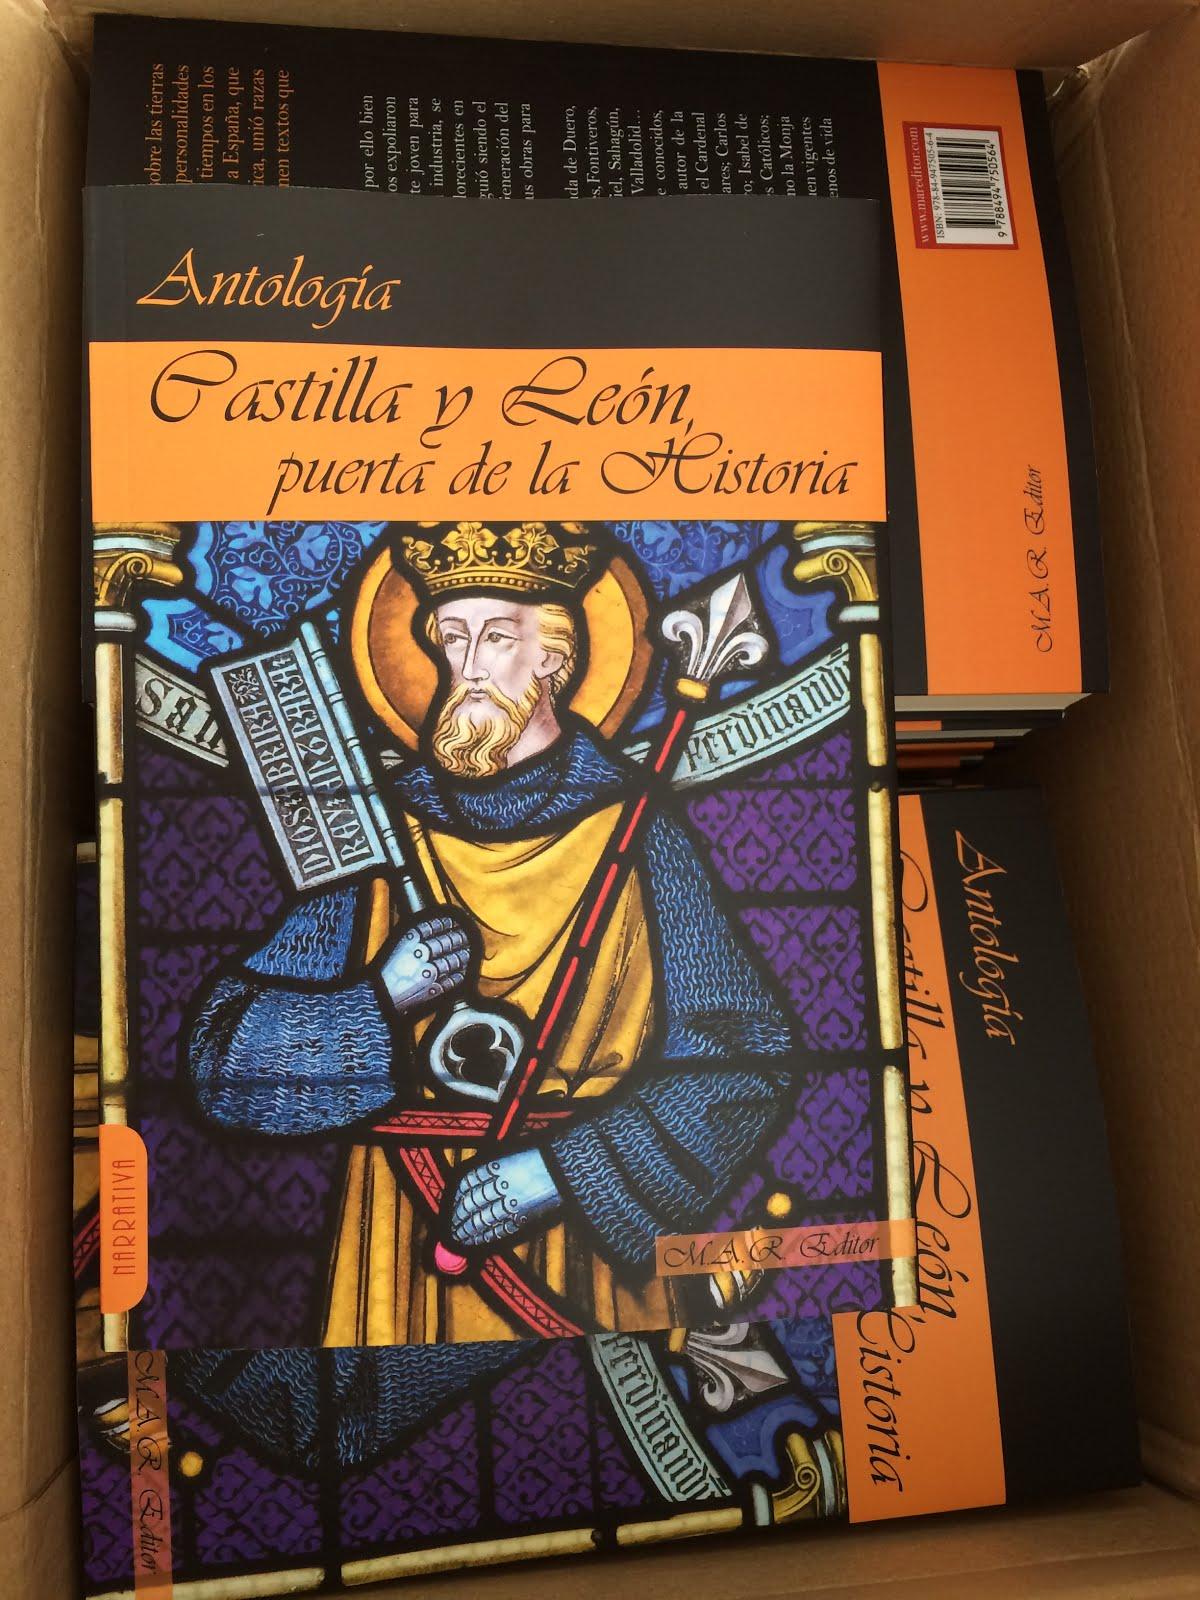 Castilla y León, puerta de la Historia